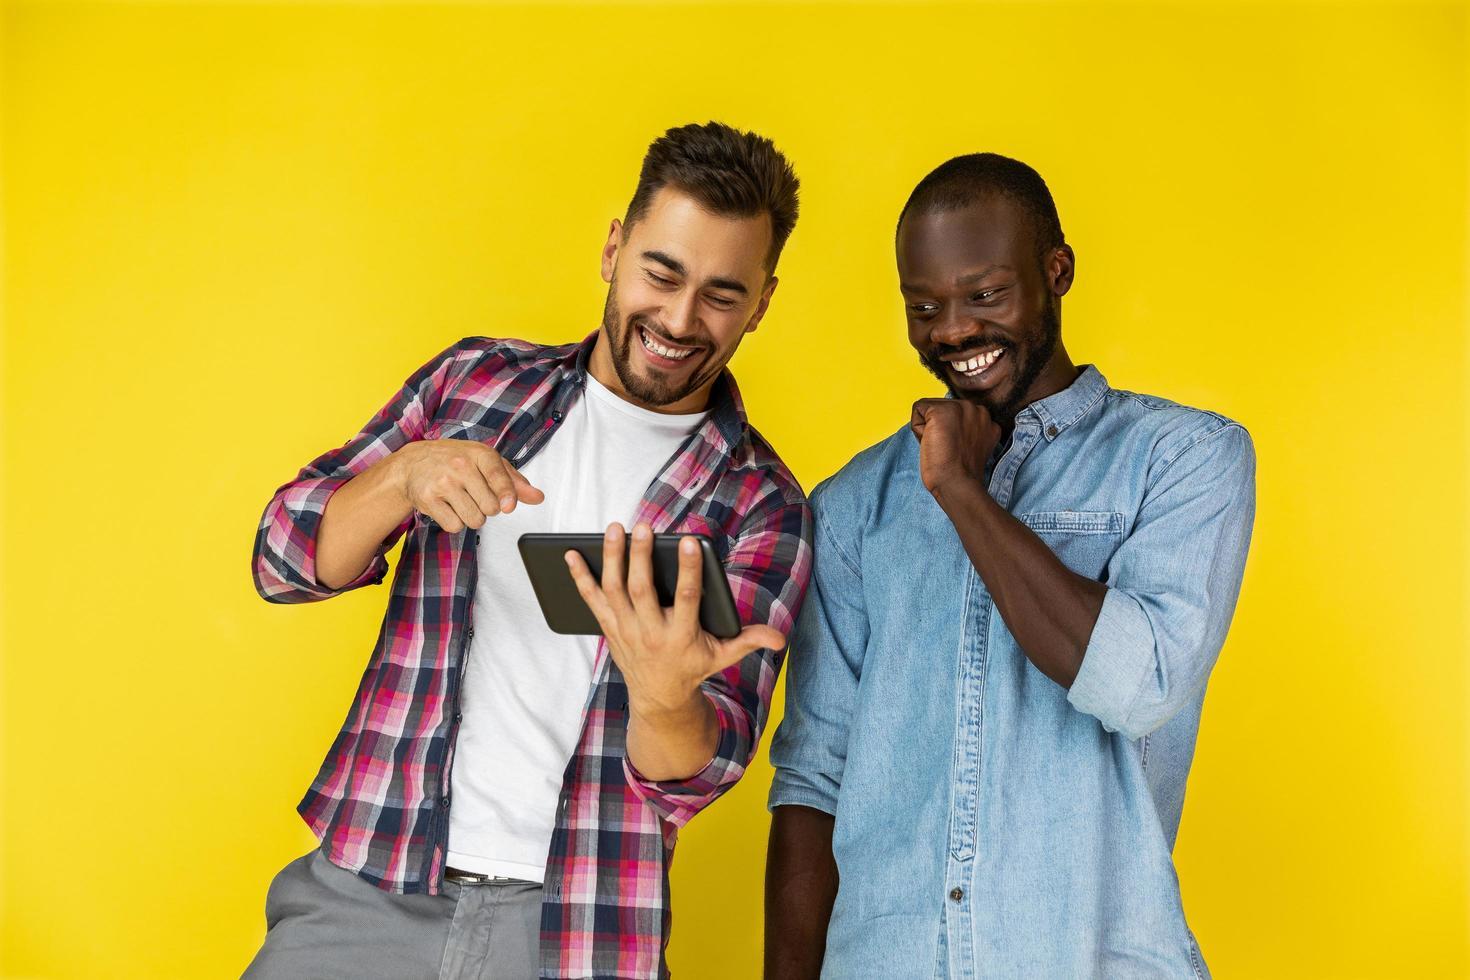 dos amigos riéndose de un video foto